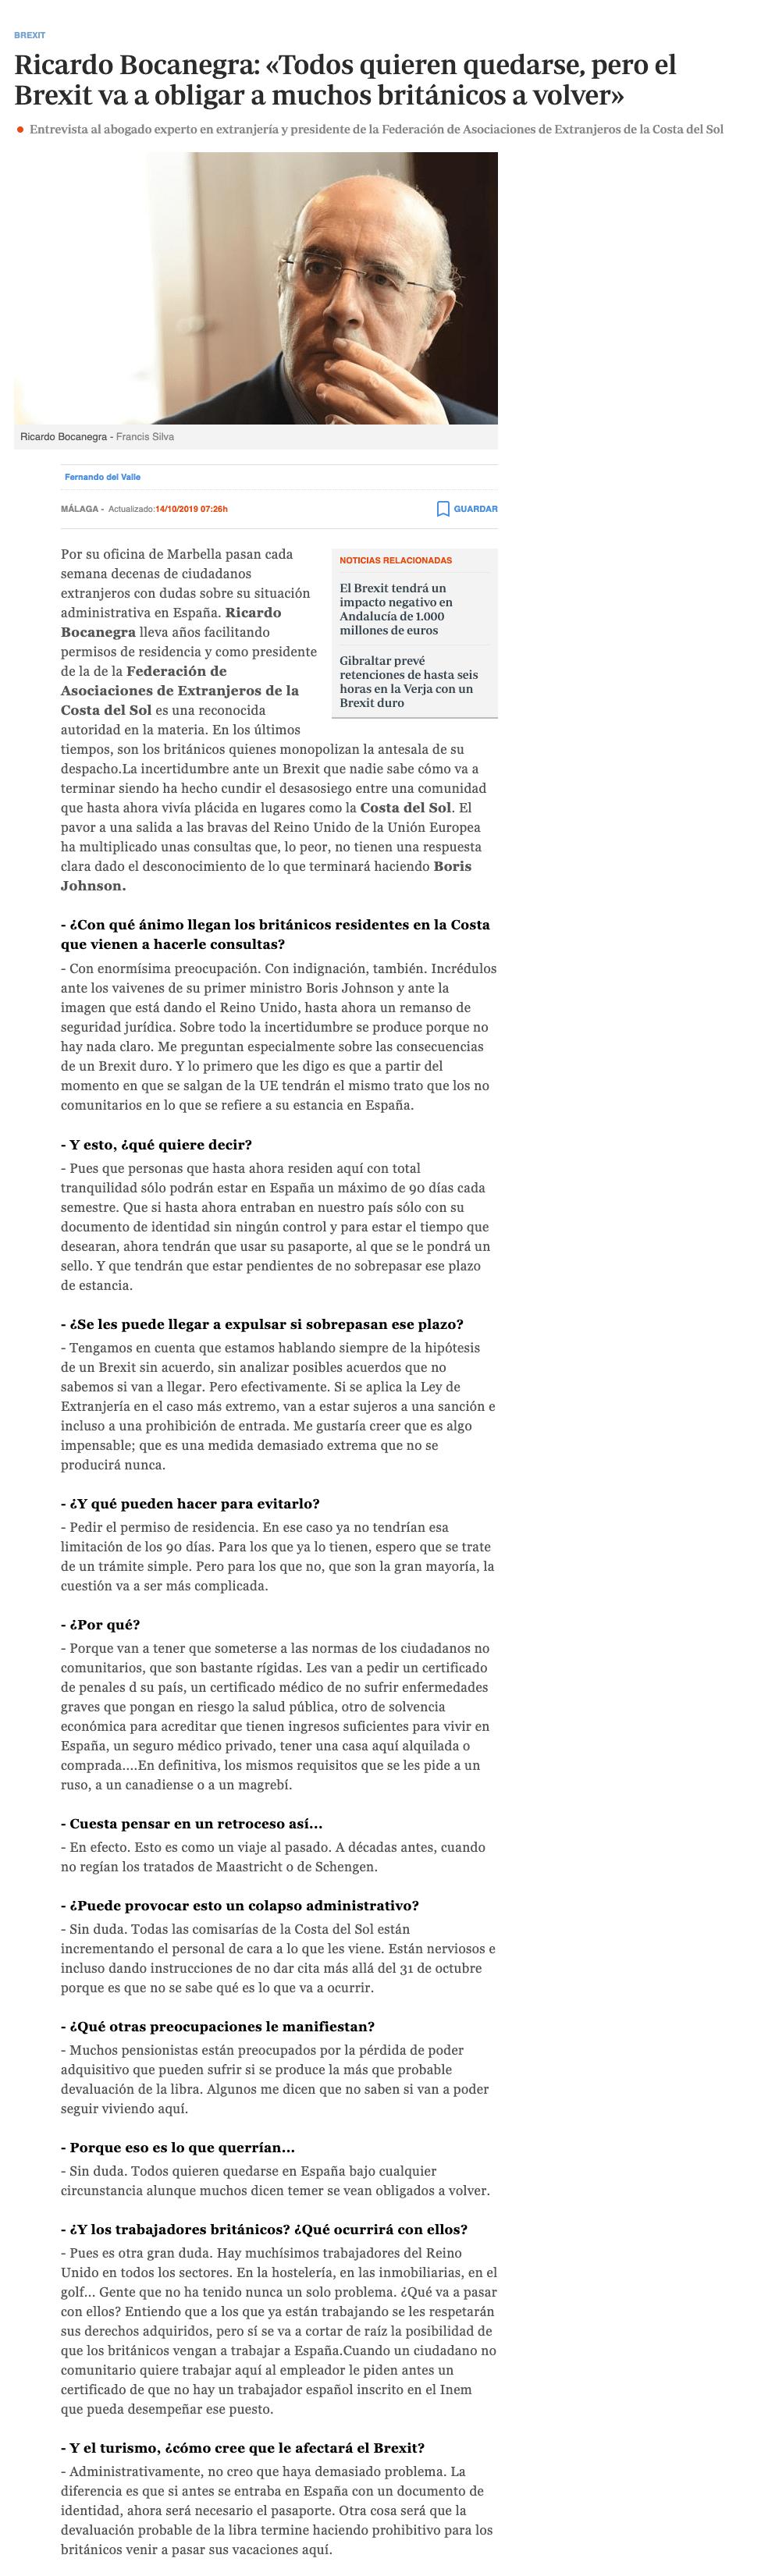 entrevista Brexit Bocanegra